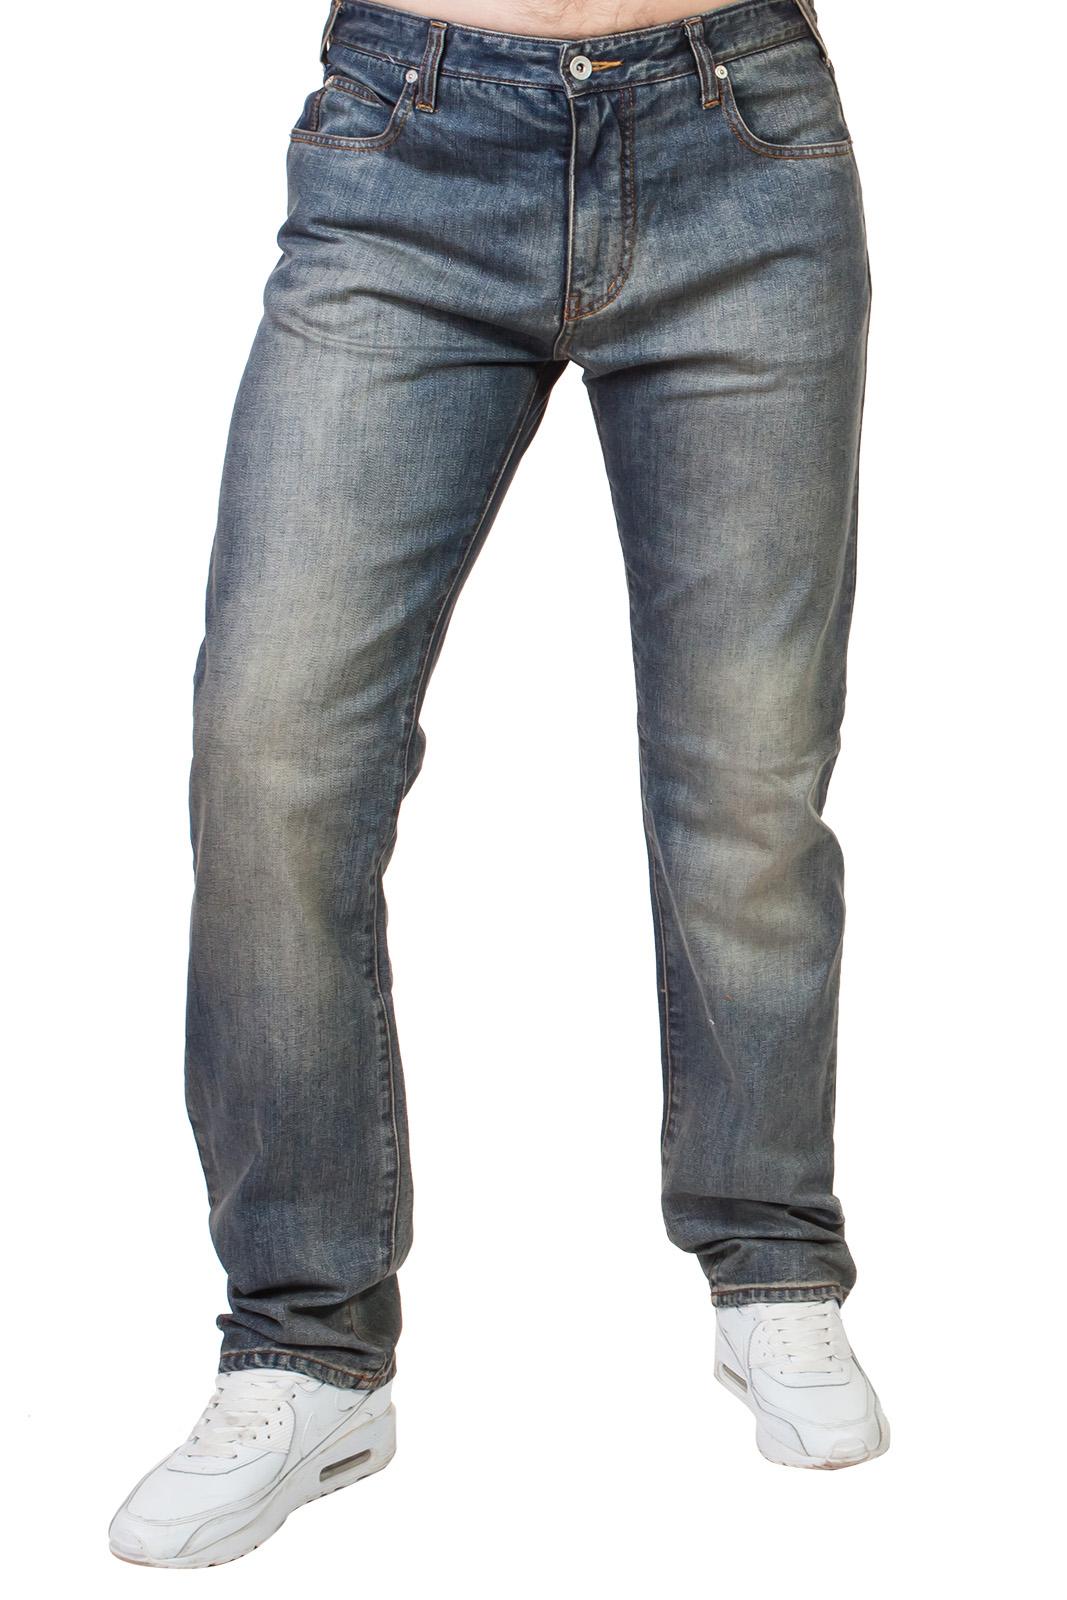 Купить в Москве свободные мужские джинсы Армани